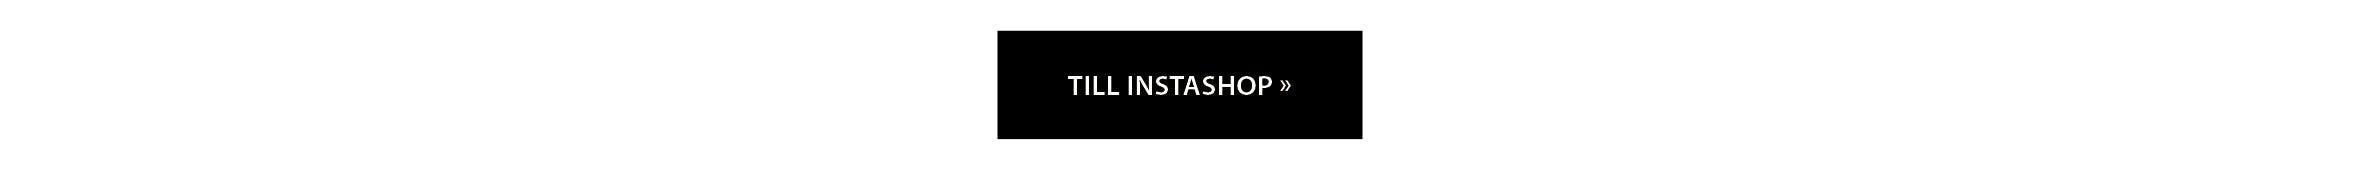 Gå till Instashop och shoppa